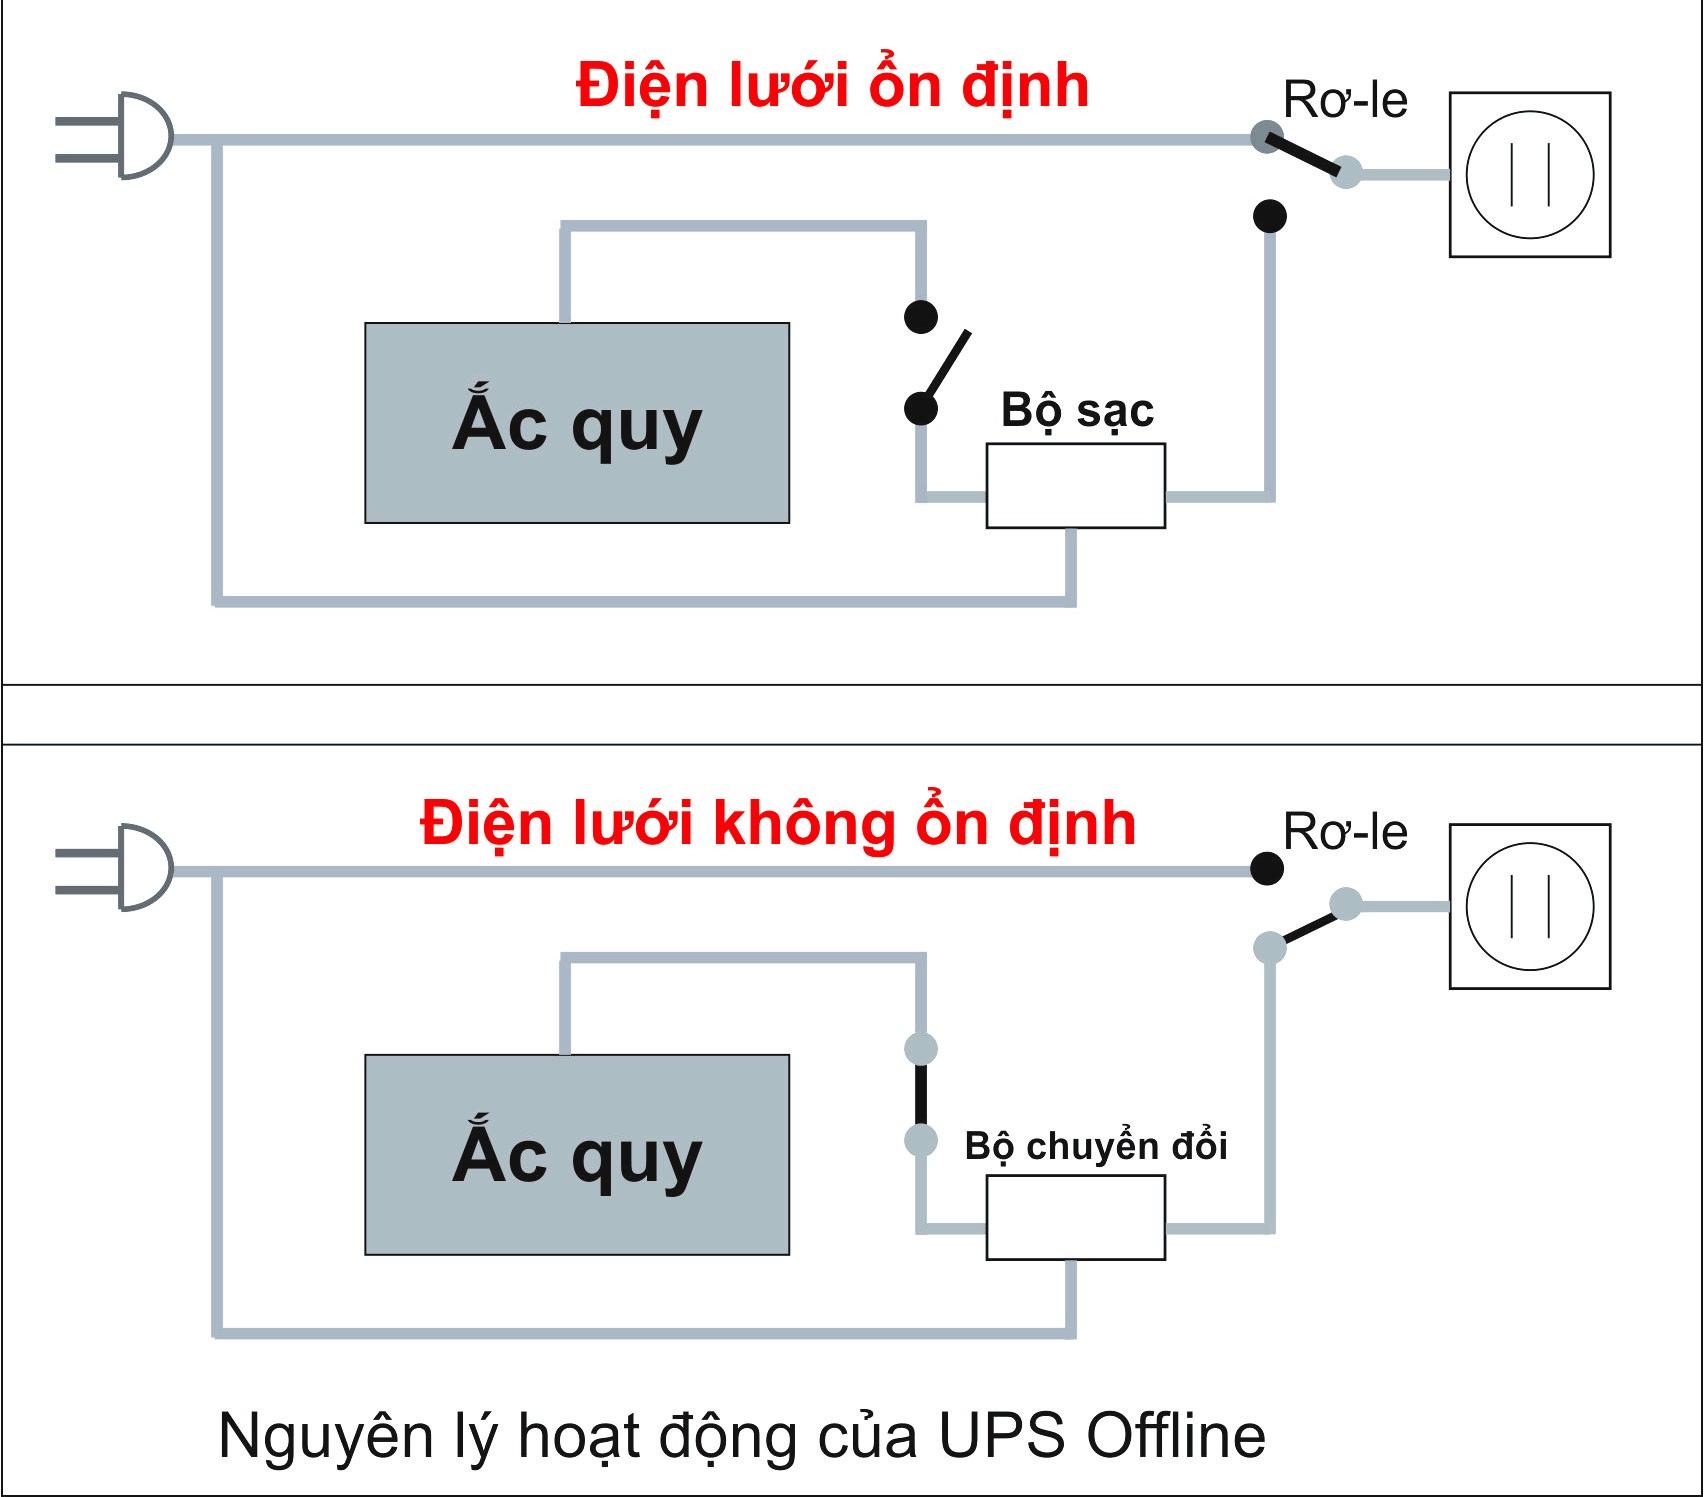 Nguyên lý và cơ chế hoạt động của UPS offline